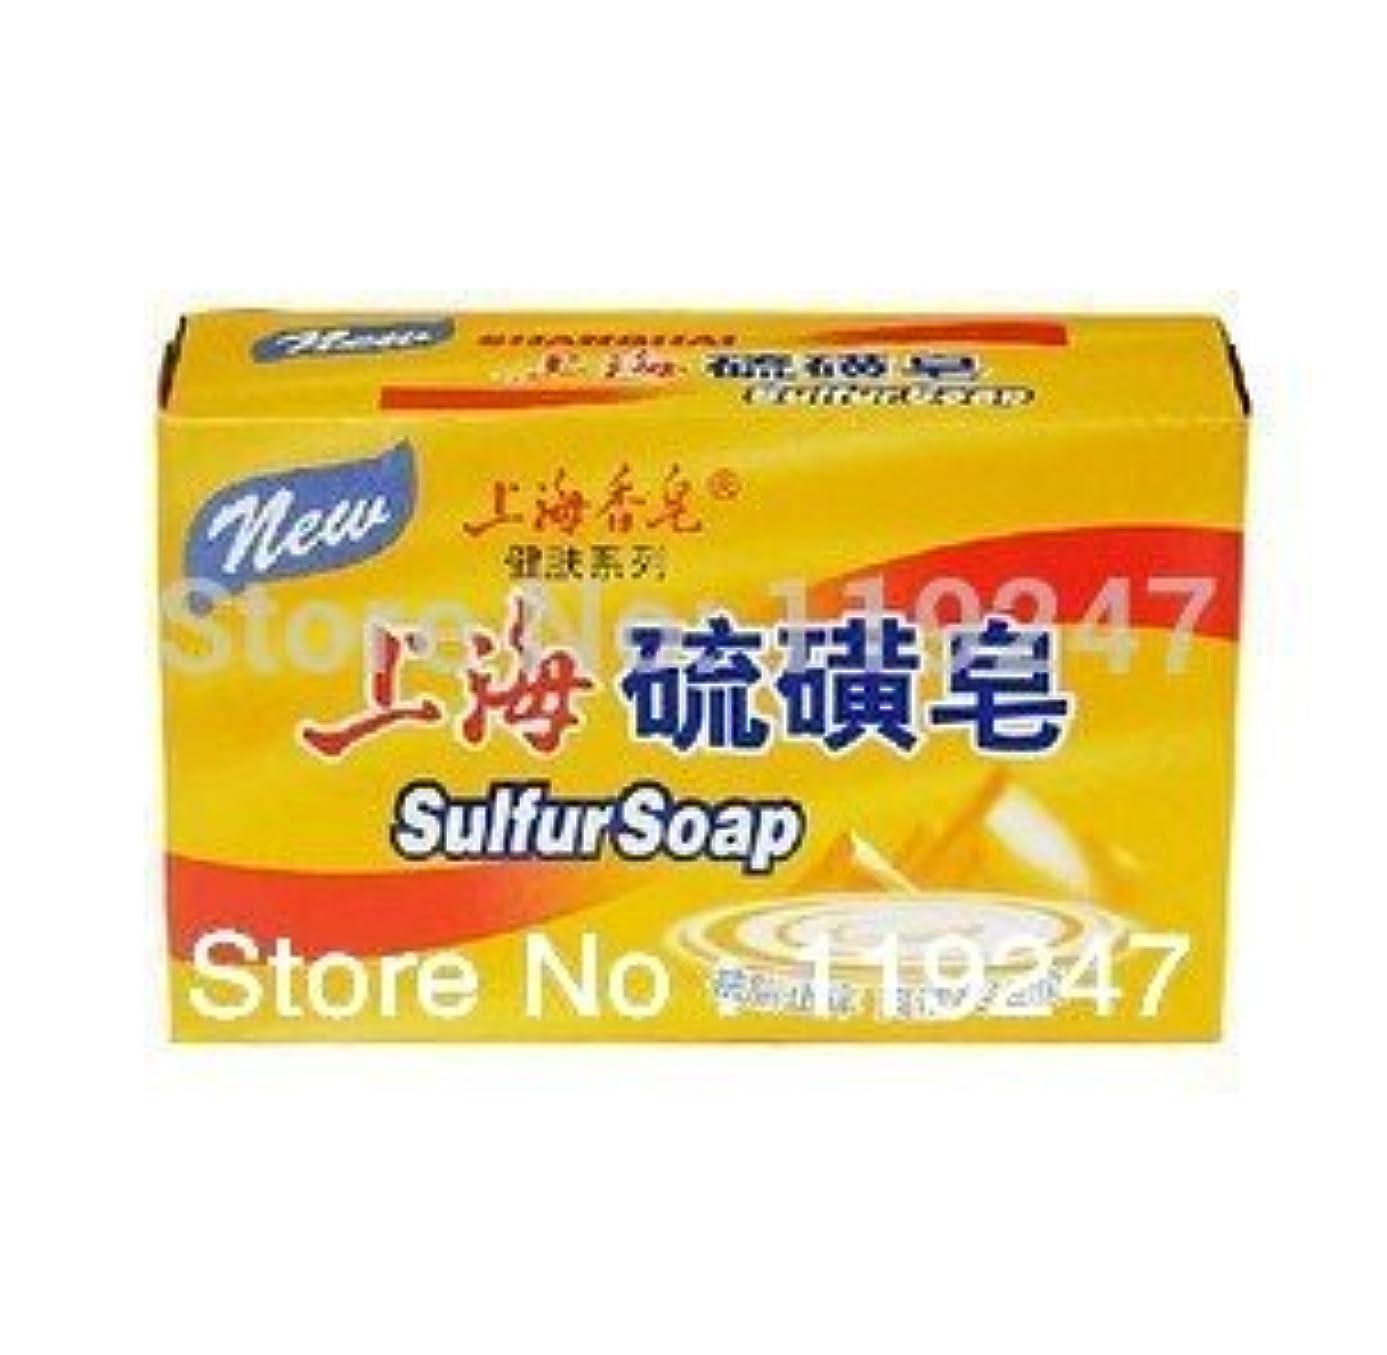 炭水化物ポーズ時間Lorny (TM) 上海硫黄石鹸アンチ菌ダニ、ストップかゆみ125グラム格安 [並行輸入品]